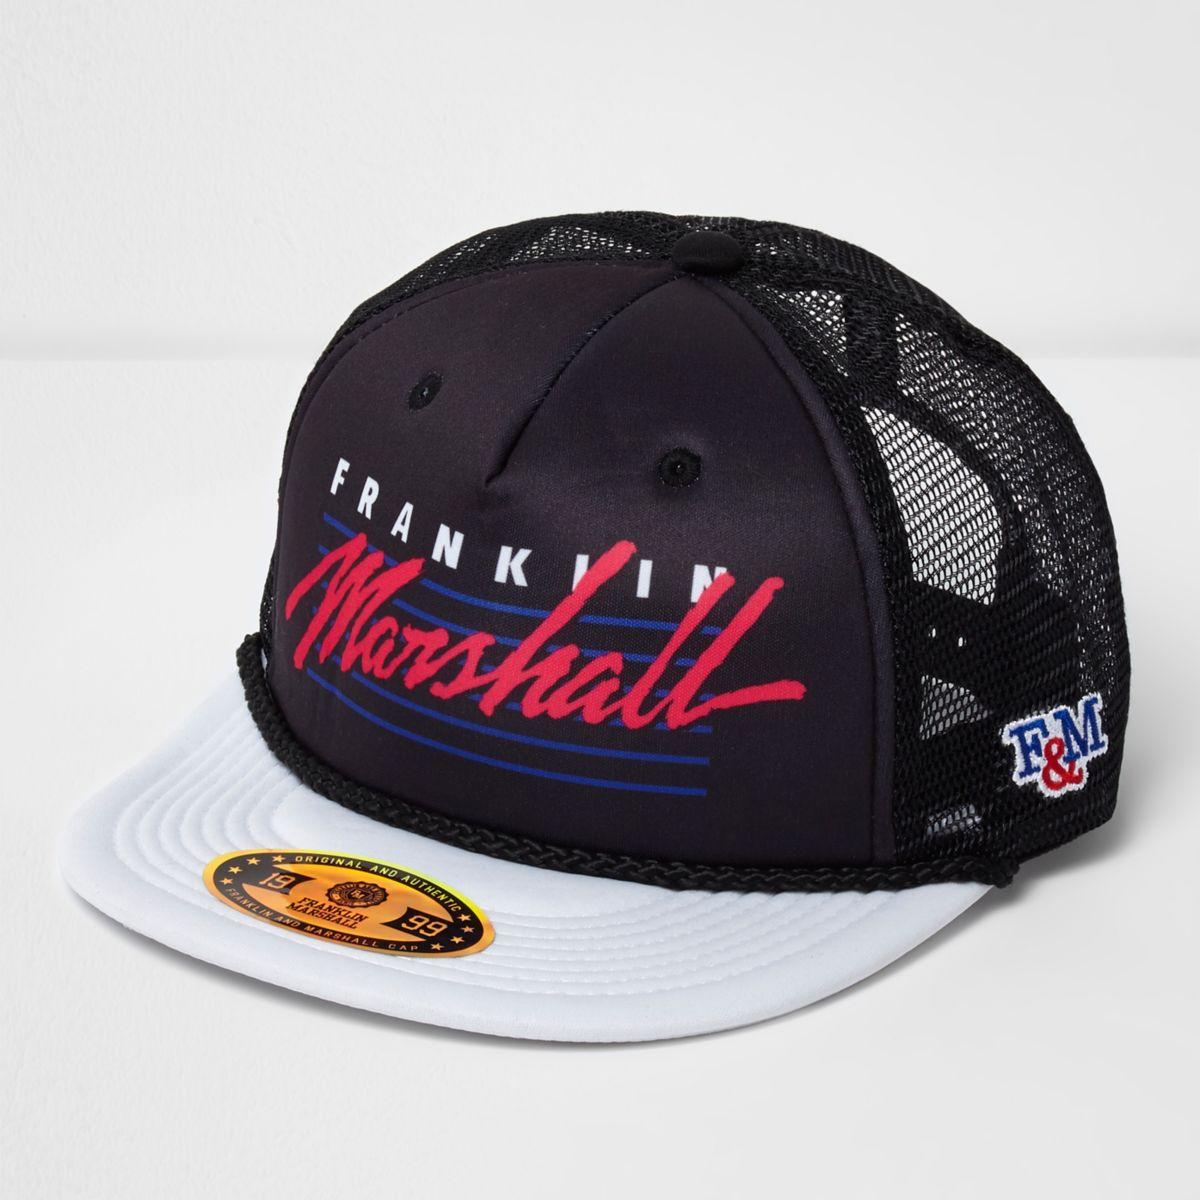 Black Franklin & Marshall trucker cap